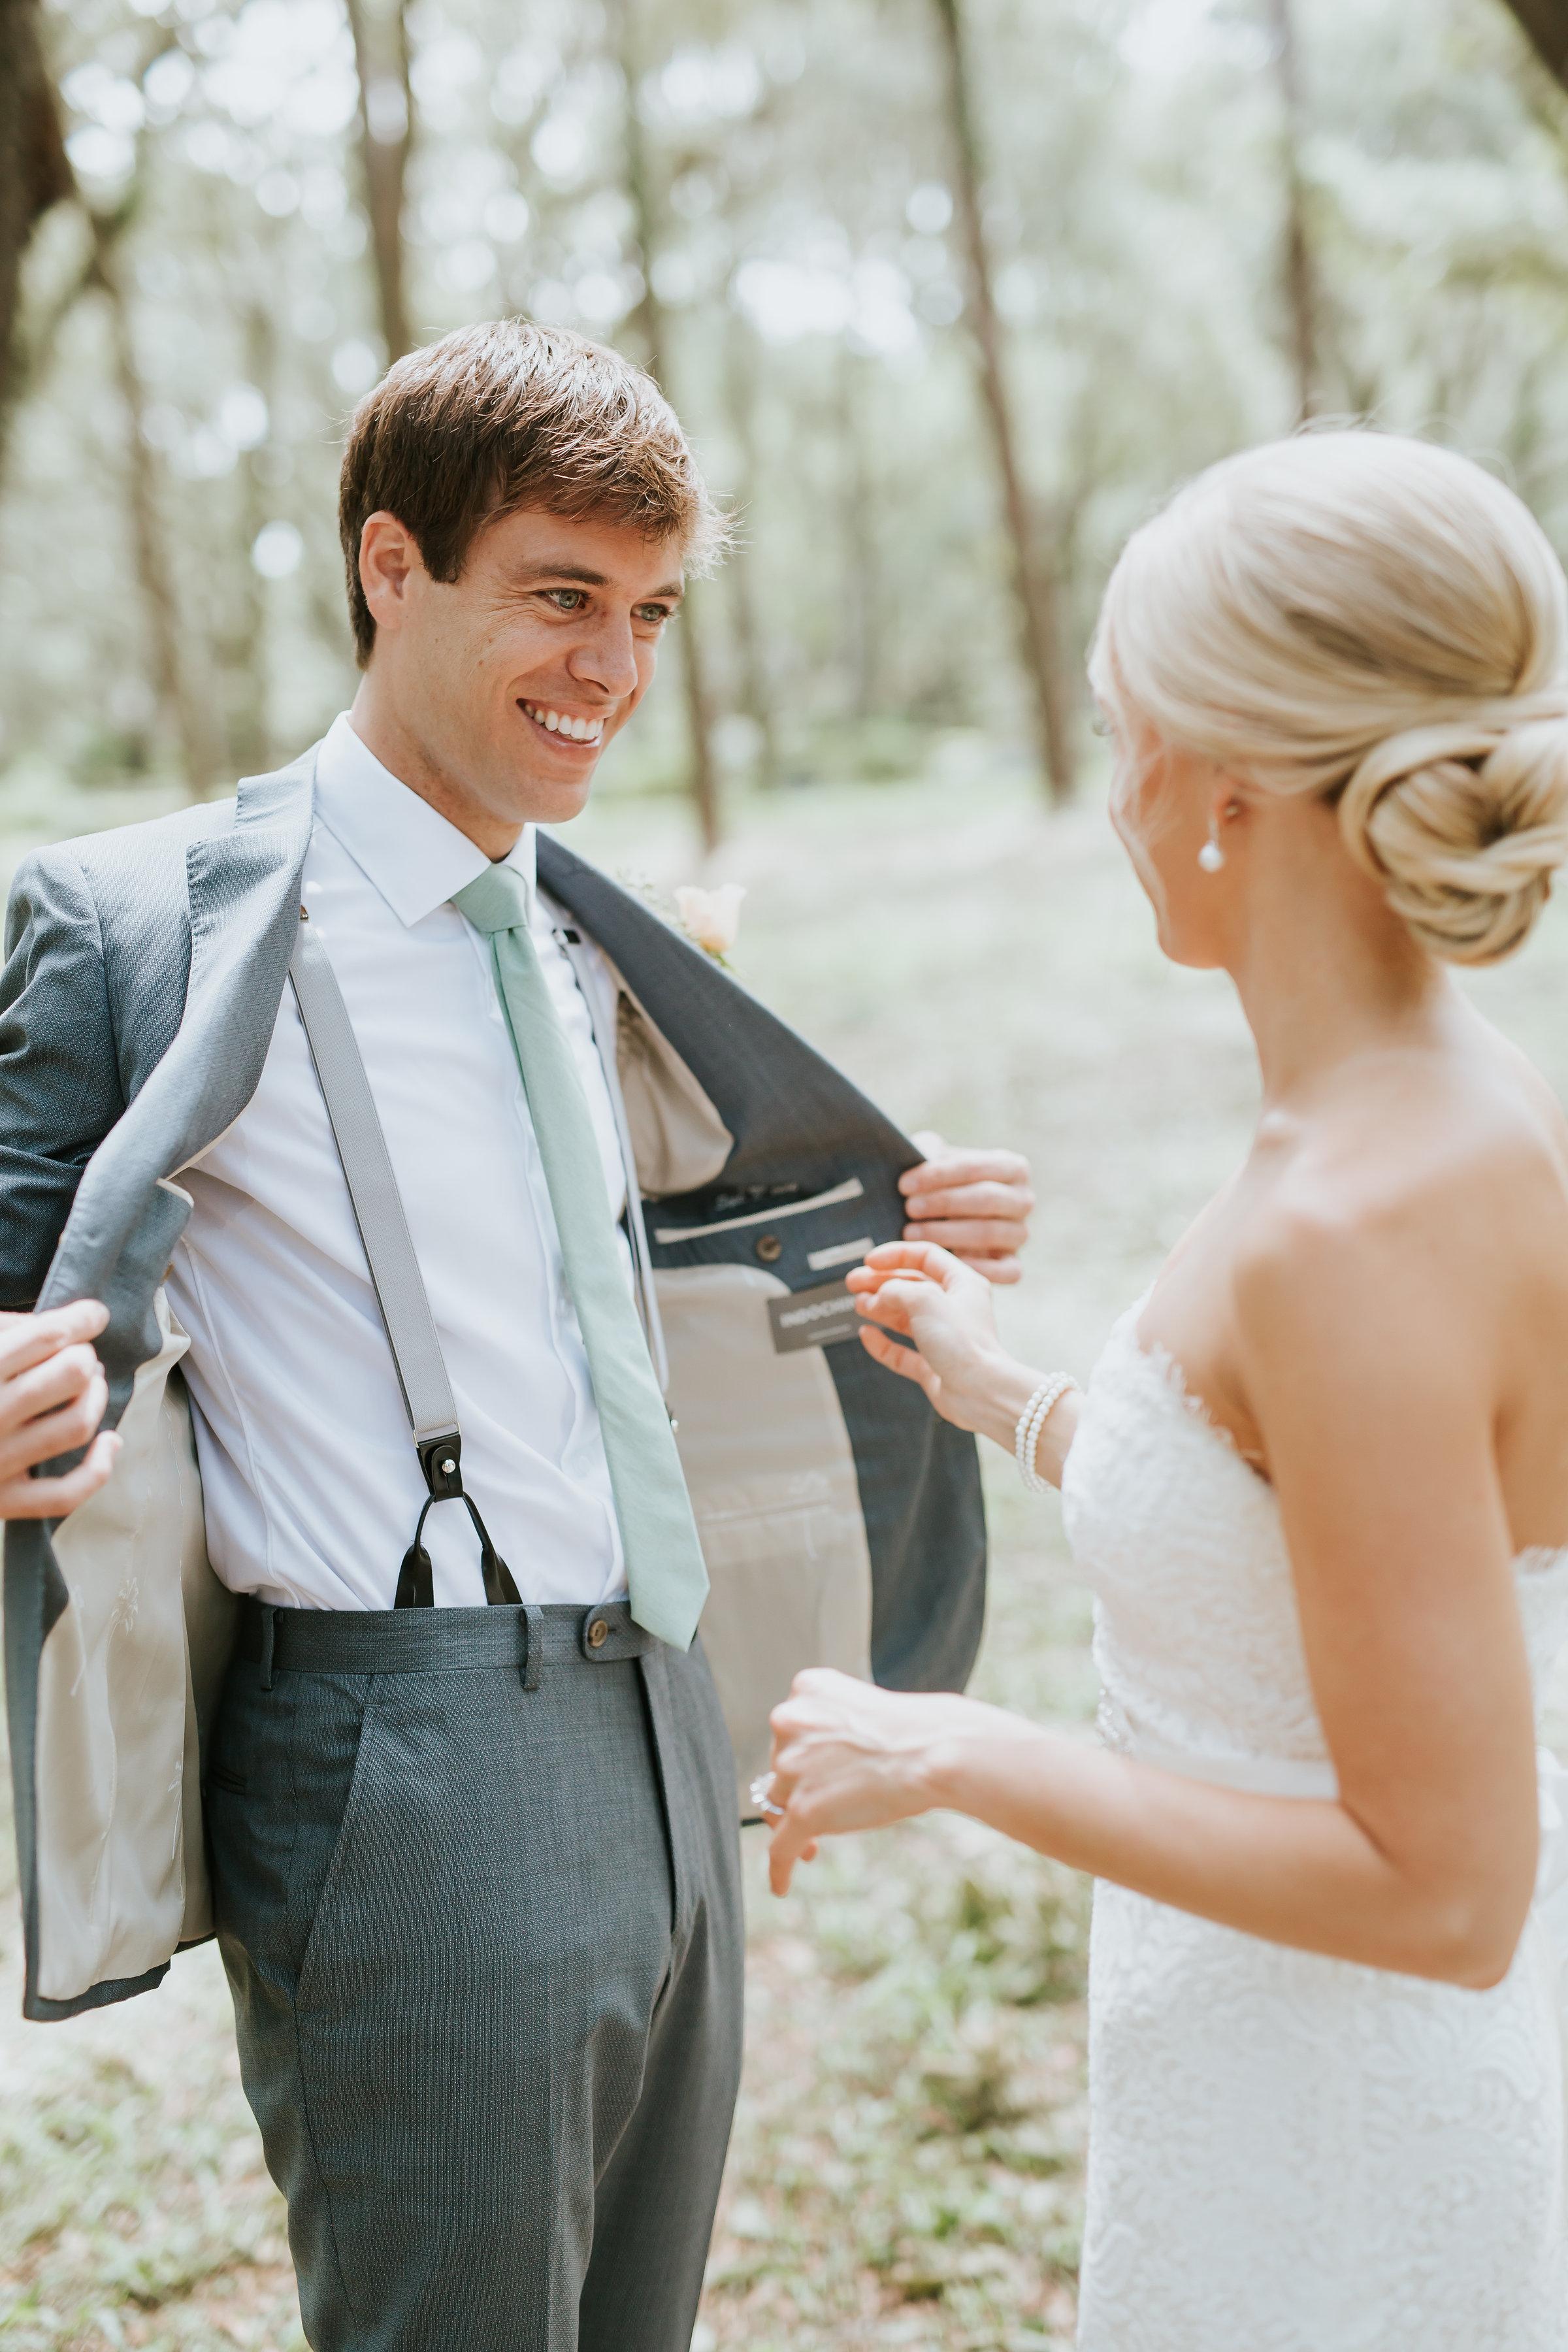 omni-hilton-head-wedding-10.jpg